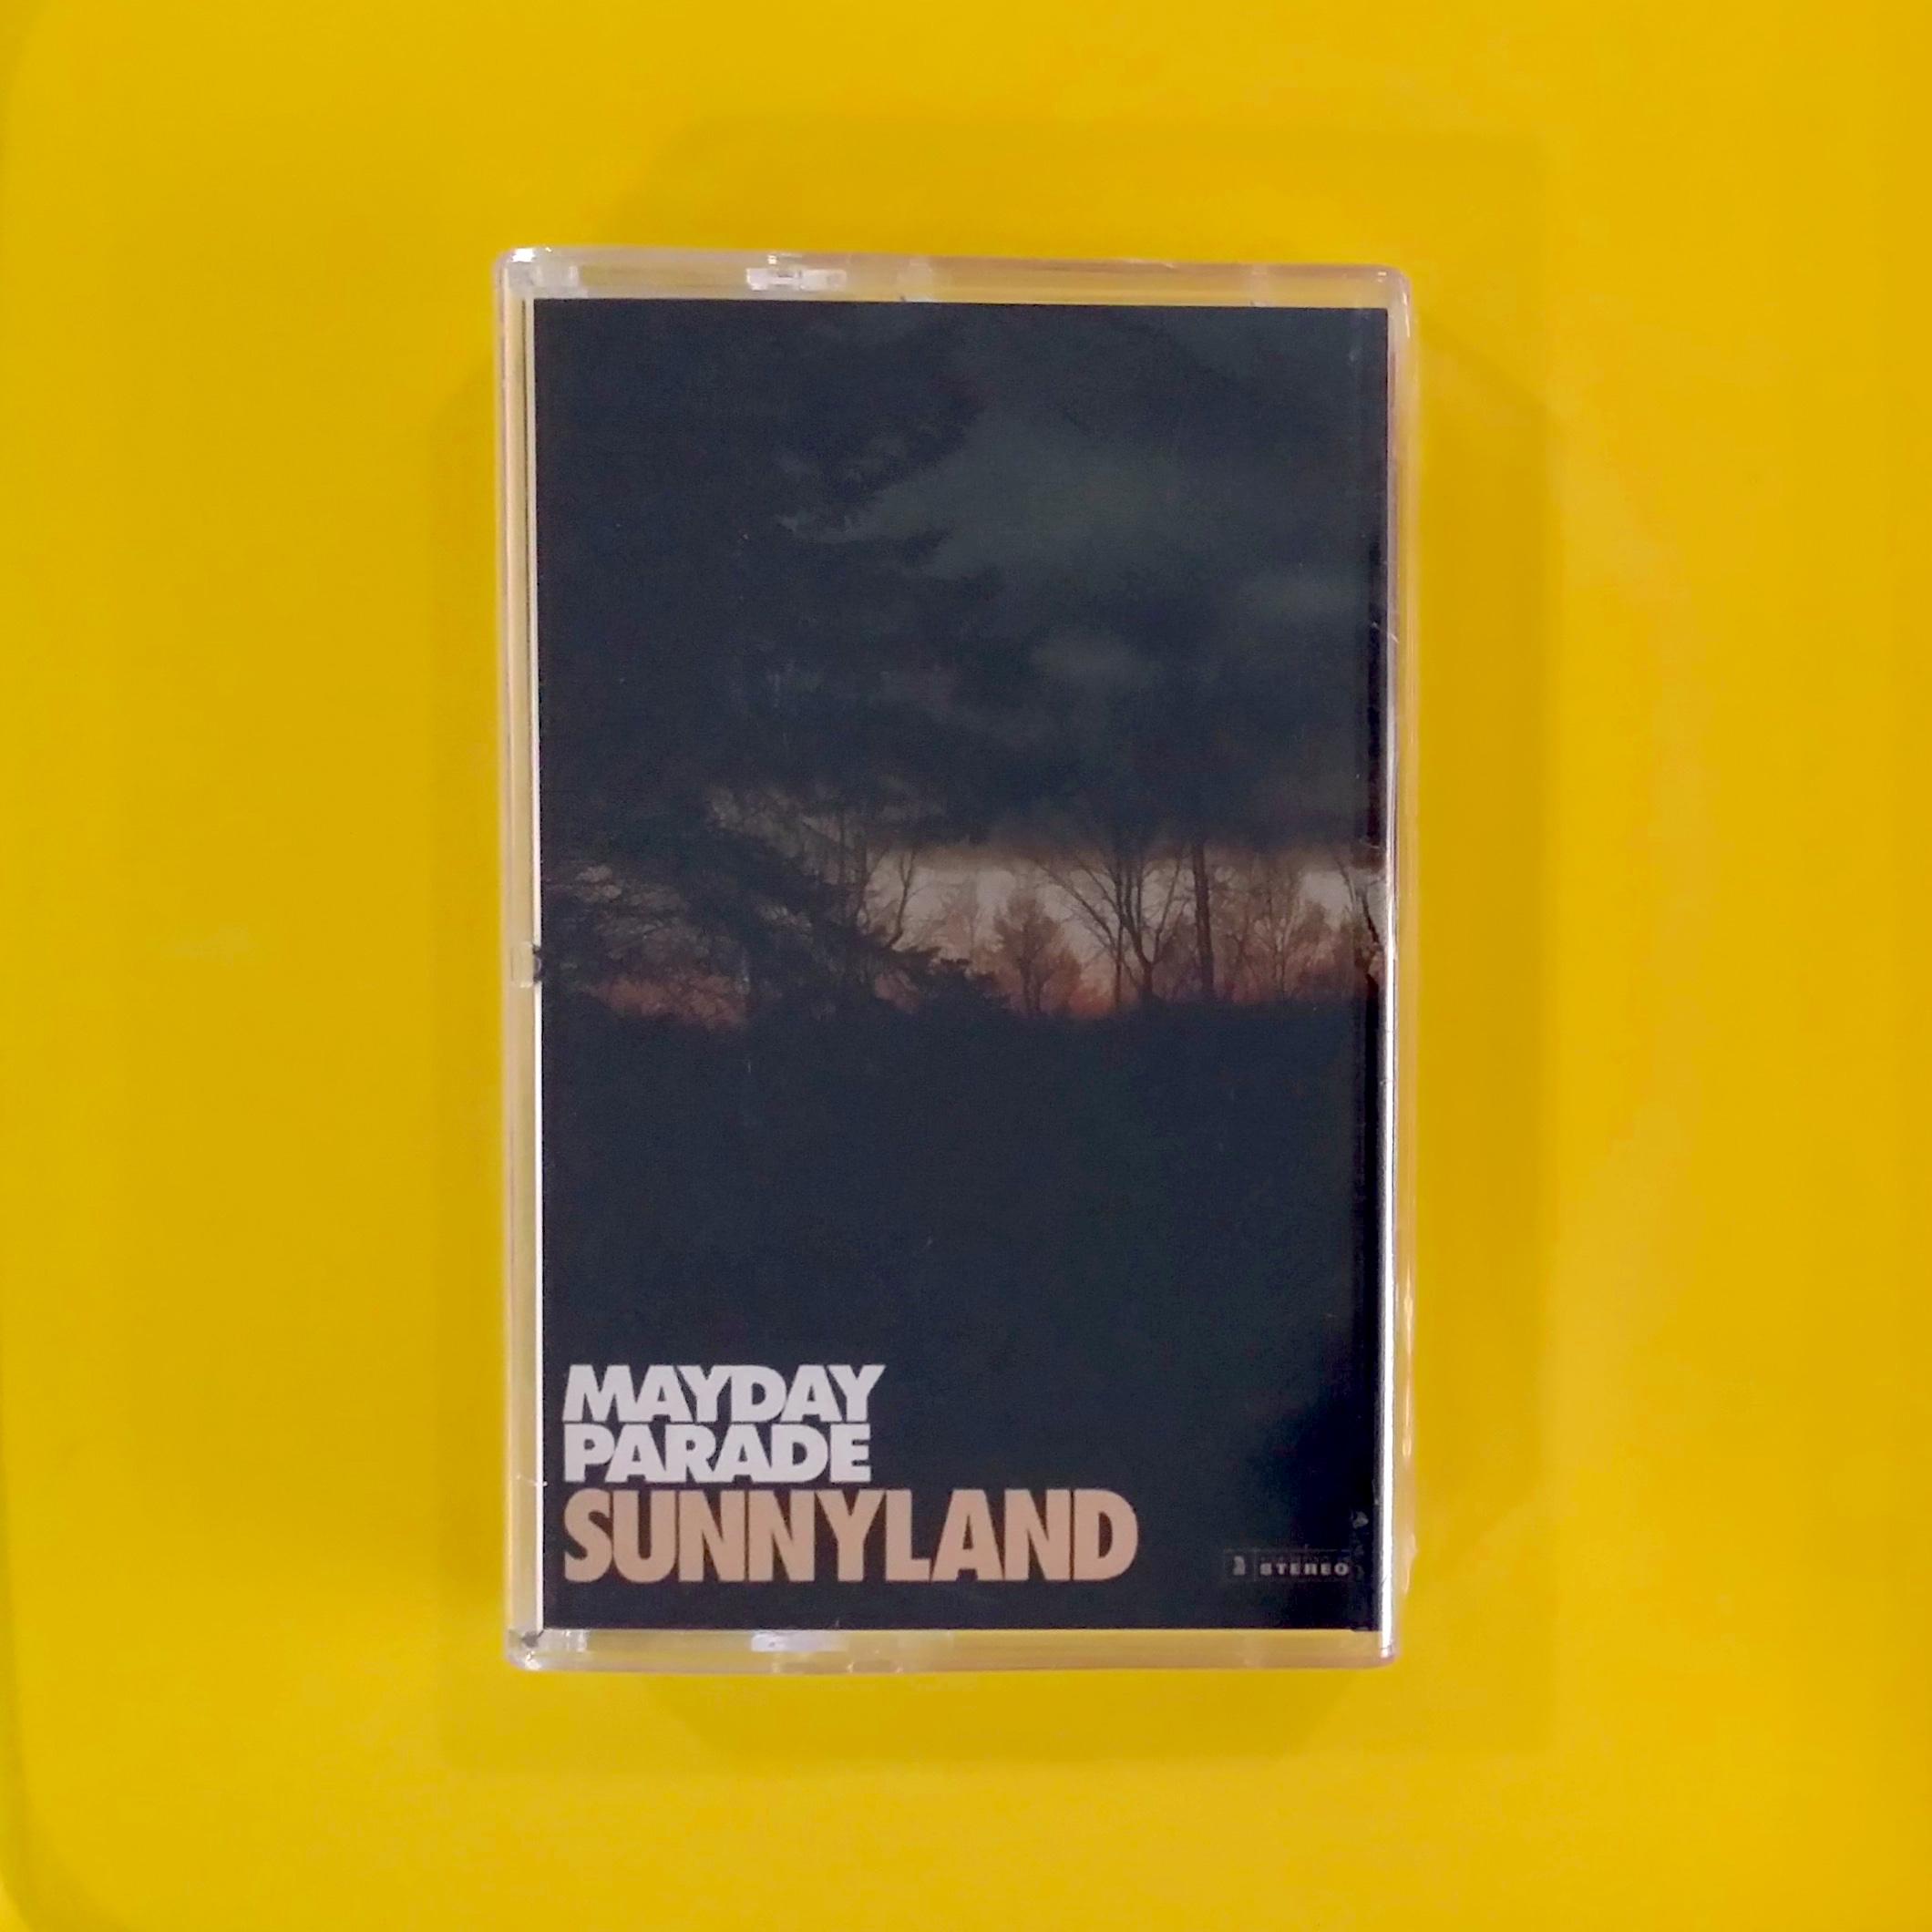 Mayday Parade - Sunnyland (Rise Records)